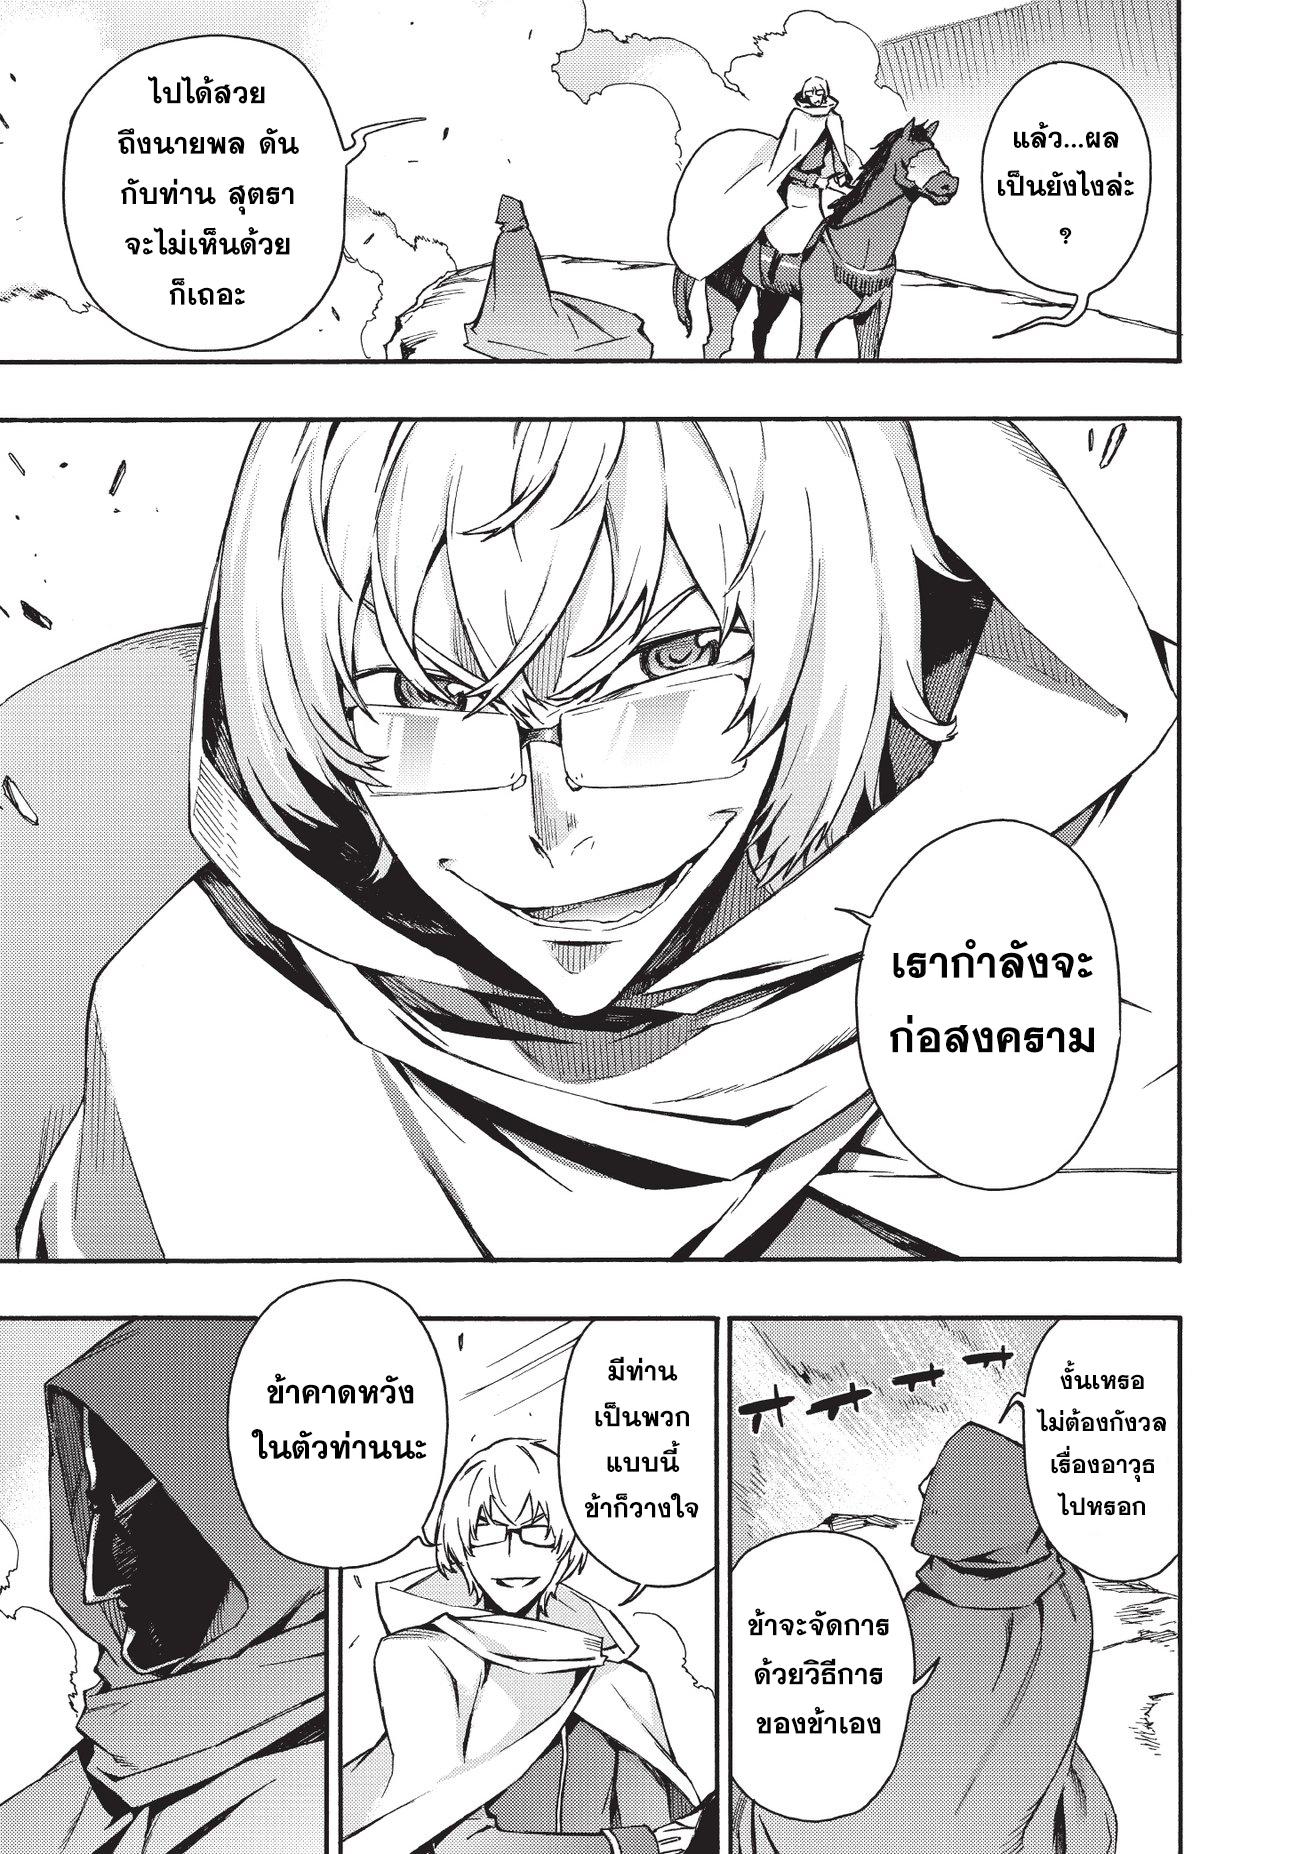 อ่านการ์ตูน Kuro no Shoukanshi ตอนที่ 28 หน้าที่ 13